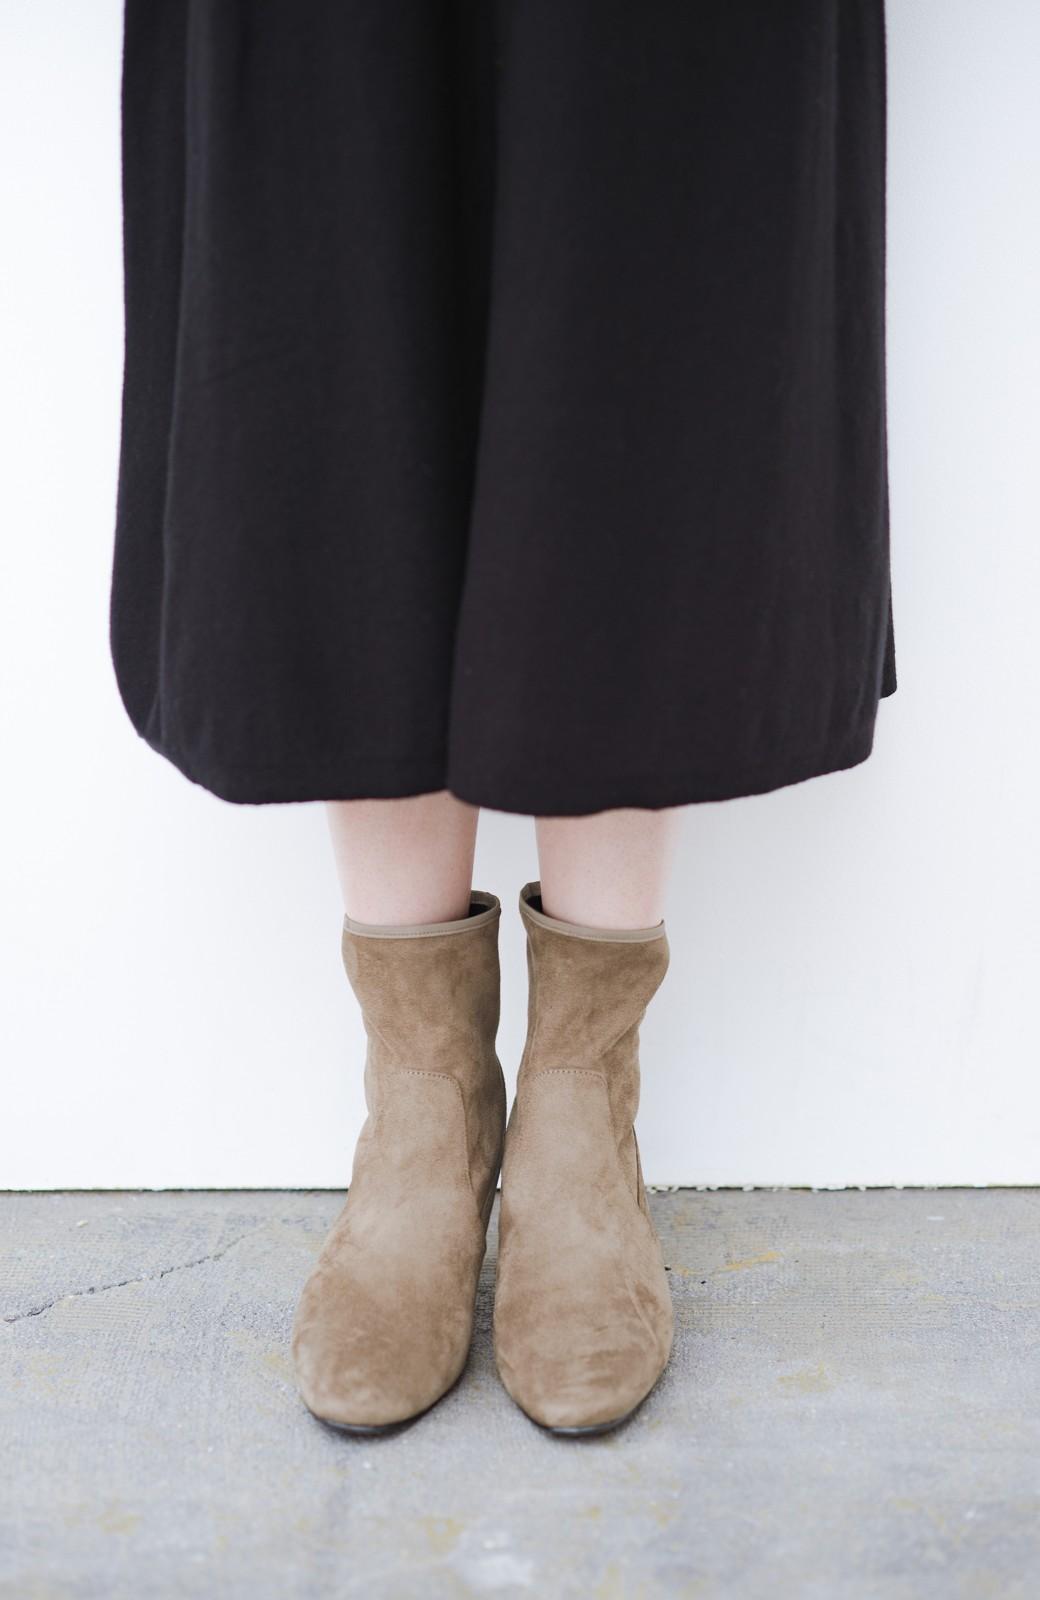 haco! デニムにもスカートにも似合う!すぽっと履けてスタイルアップが叶う女っぽフェイクスエードブーツ <ブラウン>の商品写真3